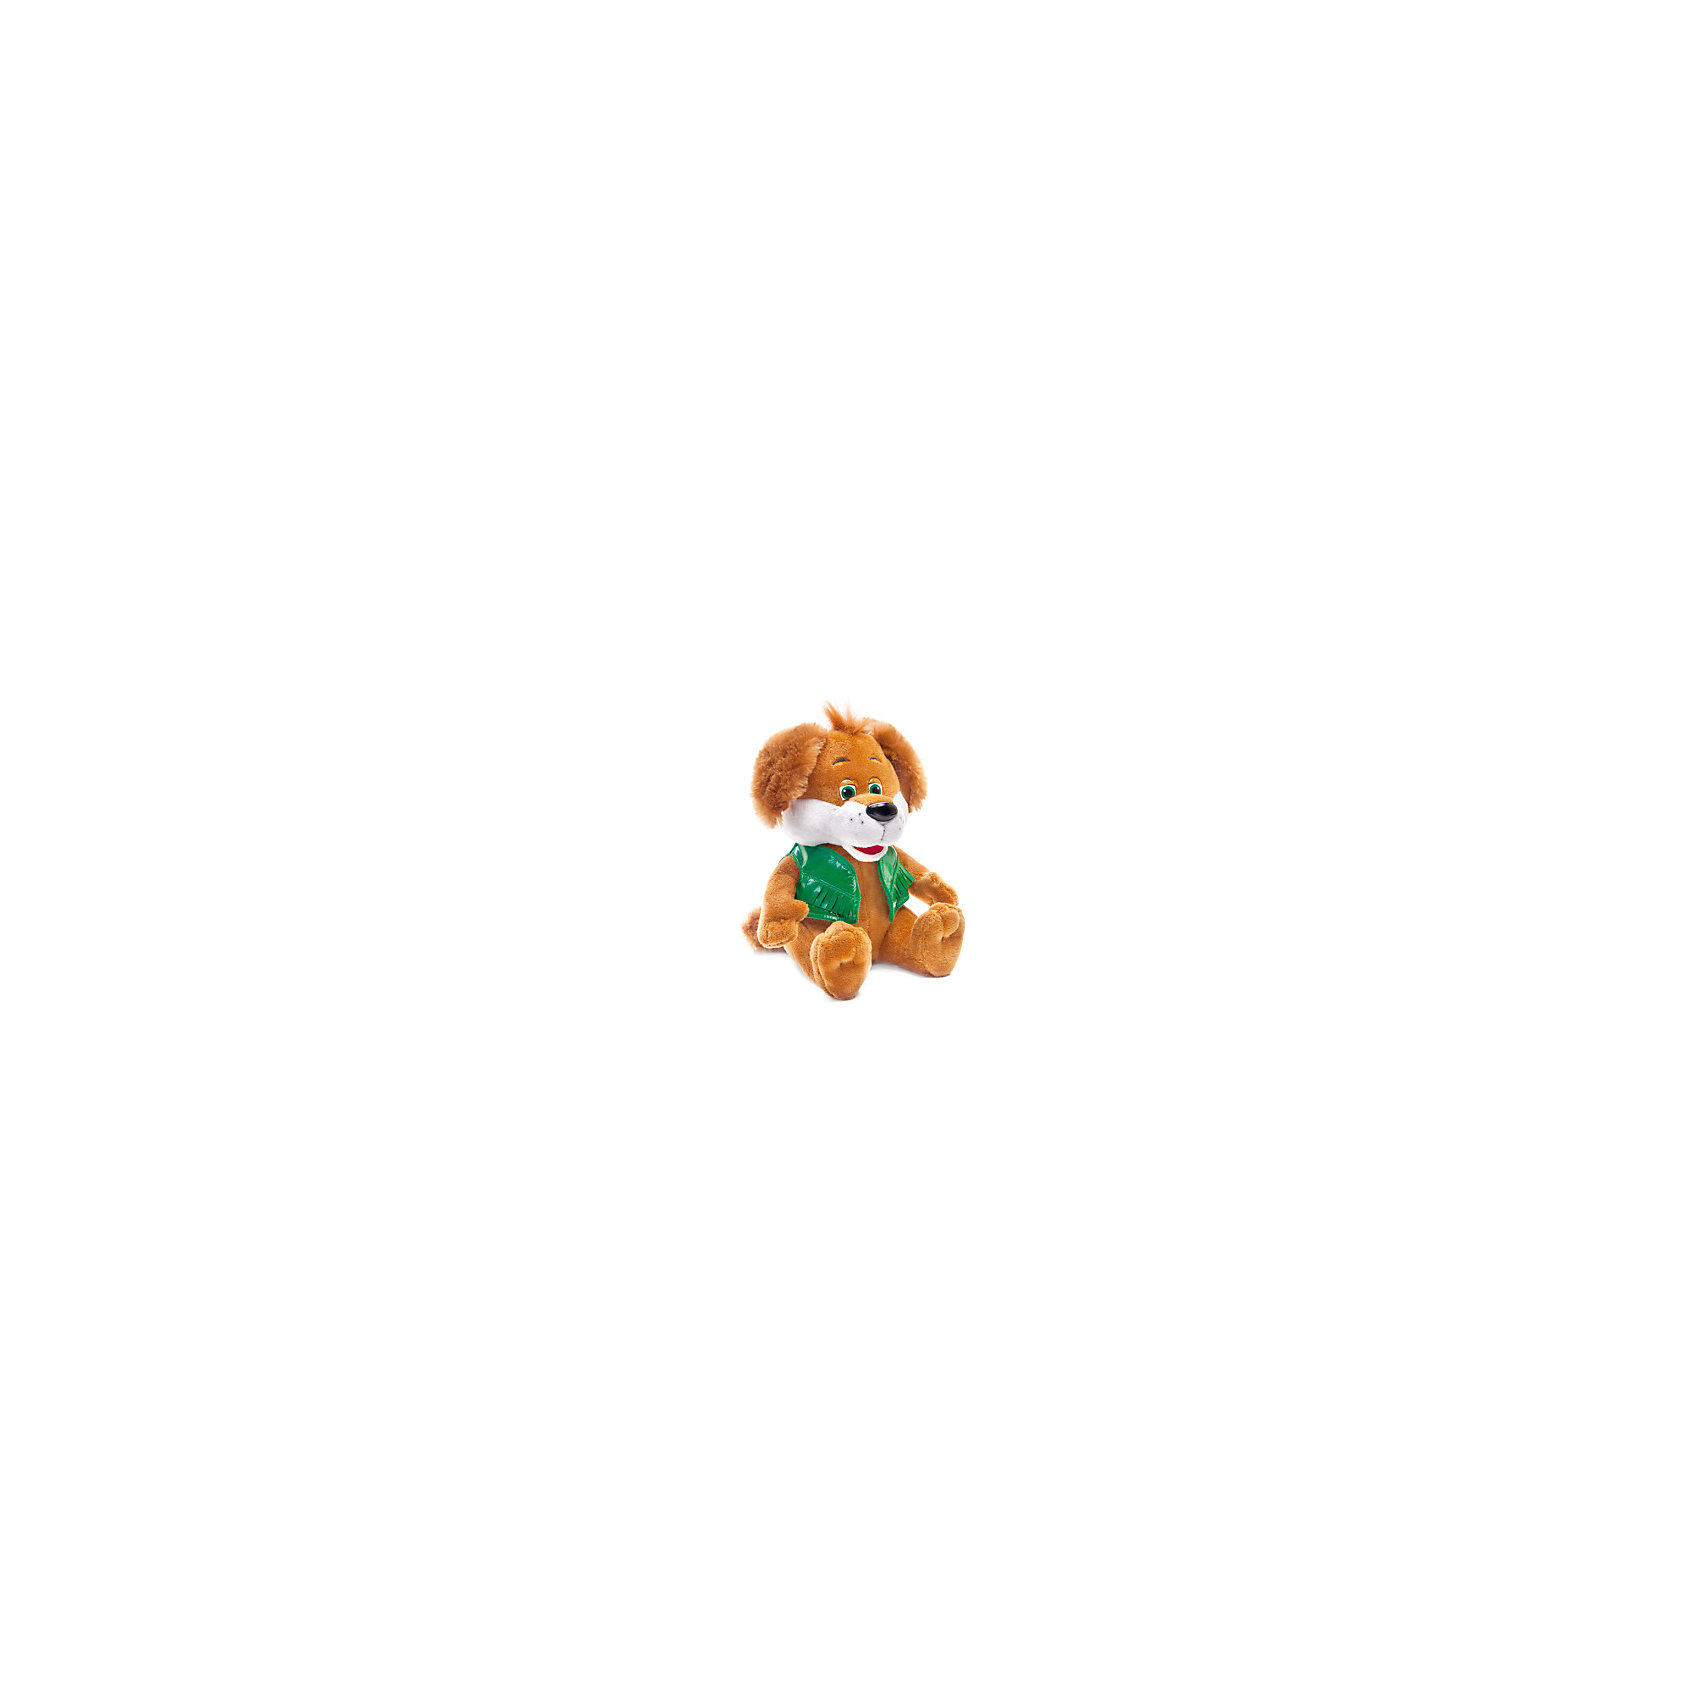 Пёс в жилетке, музыкальный, 24 см, LAVAОзвученные мягкие игрушки<br>Очаровательная мягкая игрушка сделана в виде рыжего щенка в жилетке. Она поможет ребенку проводить время весело и с пользой (такие игрушки развивают воображение и моторику). В игрушке есть встроенный звуковой модуль, работающий на батарейках.<br>Размер игрушки универсален - 24 сантиметра, её удобно брать с собой в поездки и на прогулку. Сделан Щенок из качественных и безопасных для ребенка материалов, которые еще и приятны на ощупь. Эта игрушка может стать и отличным подарком для взрослого.<br><br>Дополнительная информация:<br><br>- материал: текстиль, пластик;<br>- звуковой модуль;<br>- язык: русский;<br>- работает на батарейках;<br>- высота: 24 см.<br><br>Игрушку Пёс в жилетке, музыкальный, 24 см, от марки LAVA можно купить в нашем магазине.<br><br>Ширина мм: 200<br>Глубина мм: 140<br>Высота мм: 110<br>Вес г: 221<br>Возраст от месяцев: 36<br>Возраст до месяцев: 1188<br>Пол: Унисекс<br>Возраст: Детский<br>SKU: 4701867